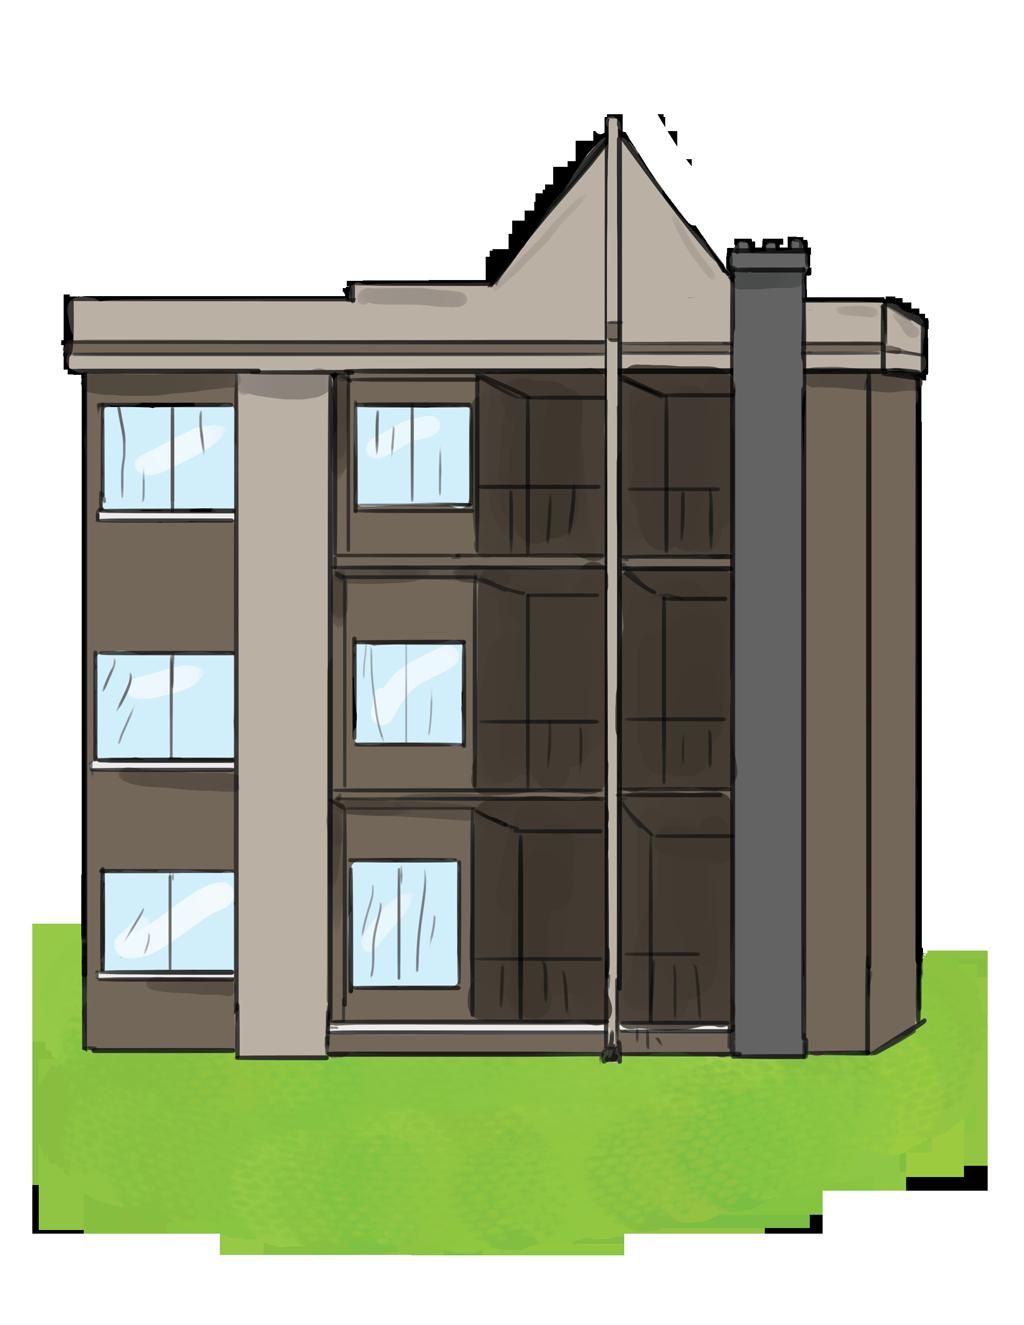 wellesly-manor